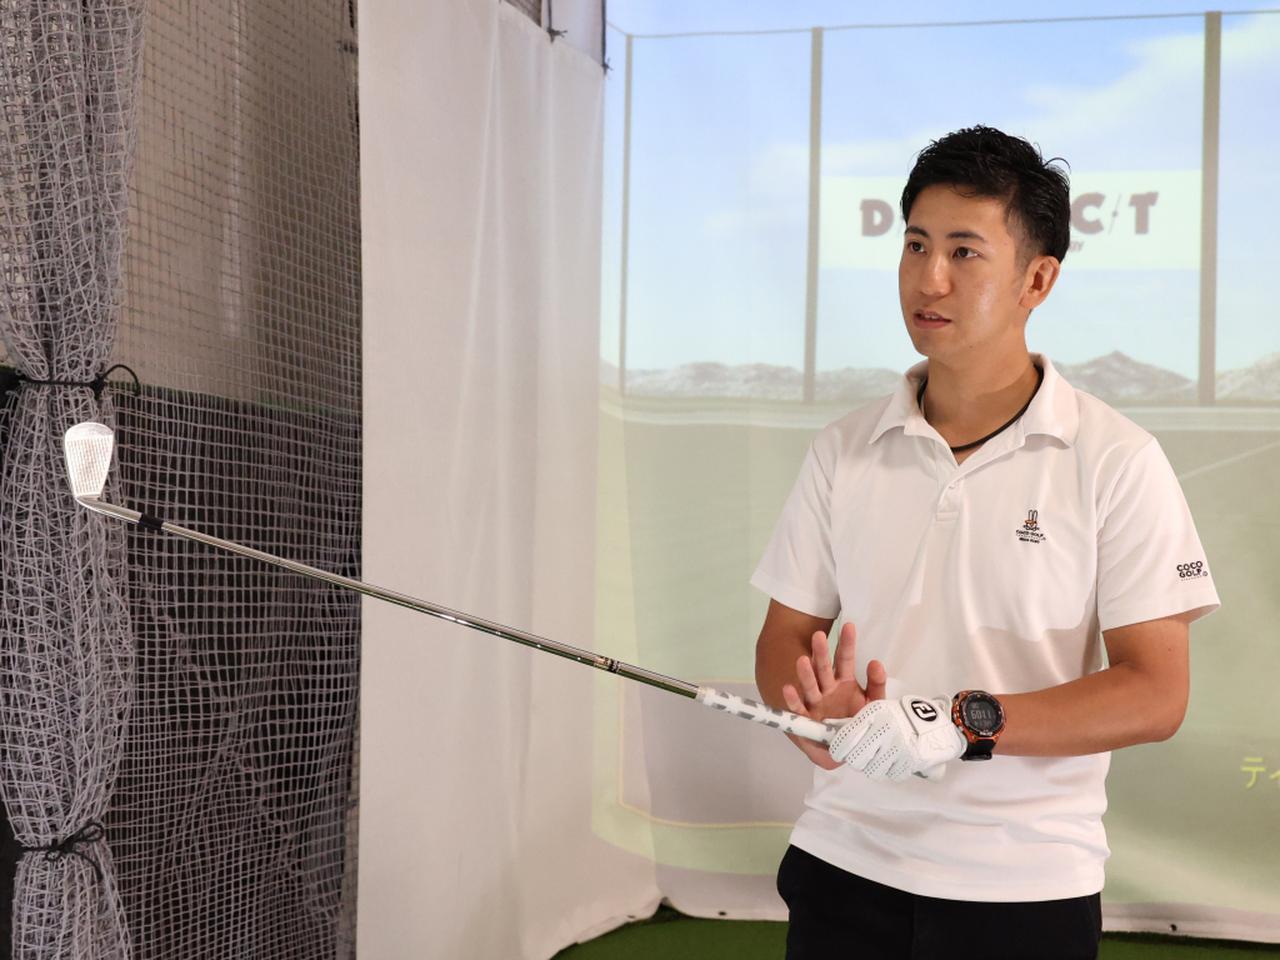 画像: 福田によれば、そもそもゴルフクラブ自体が特殊な道具。重量のあるヘッドの部分がシャフトの延長線上から外れた位置にあることで、ゴルフ独特のフェースの開閉といった動作が起こるという